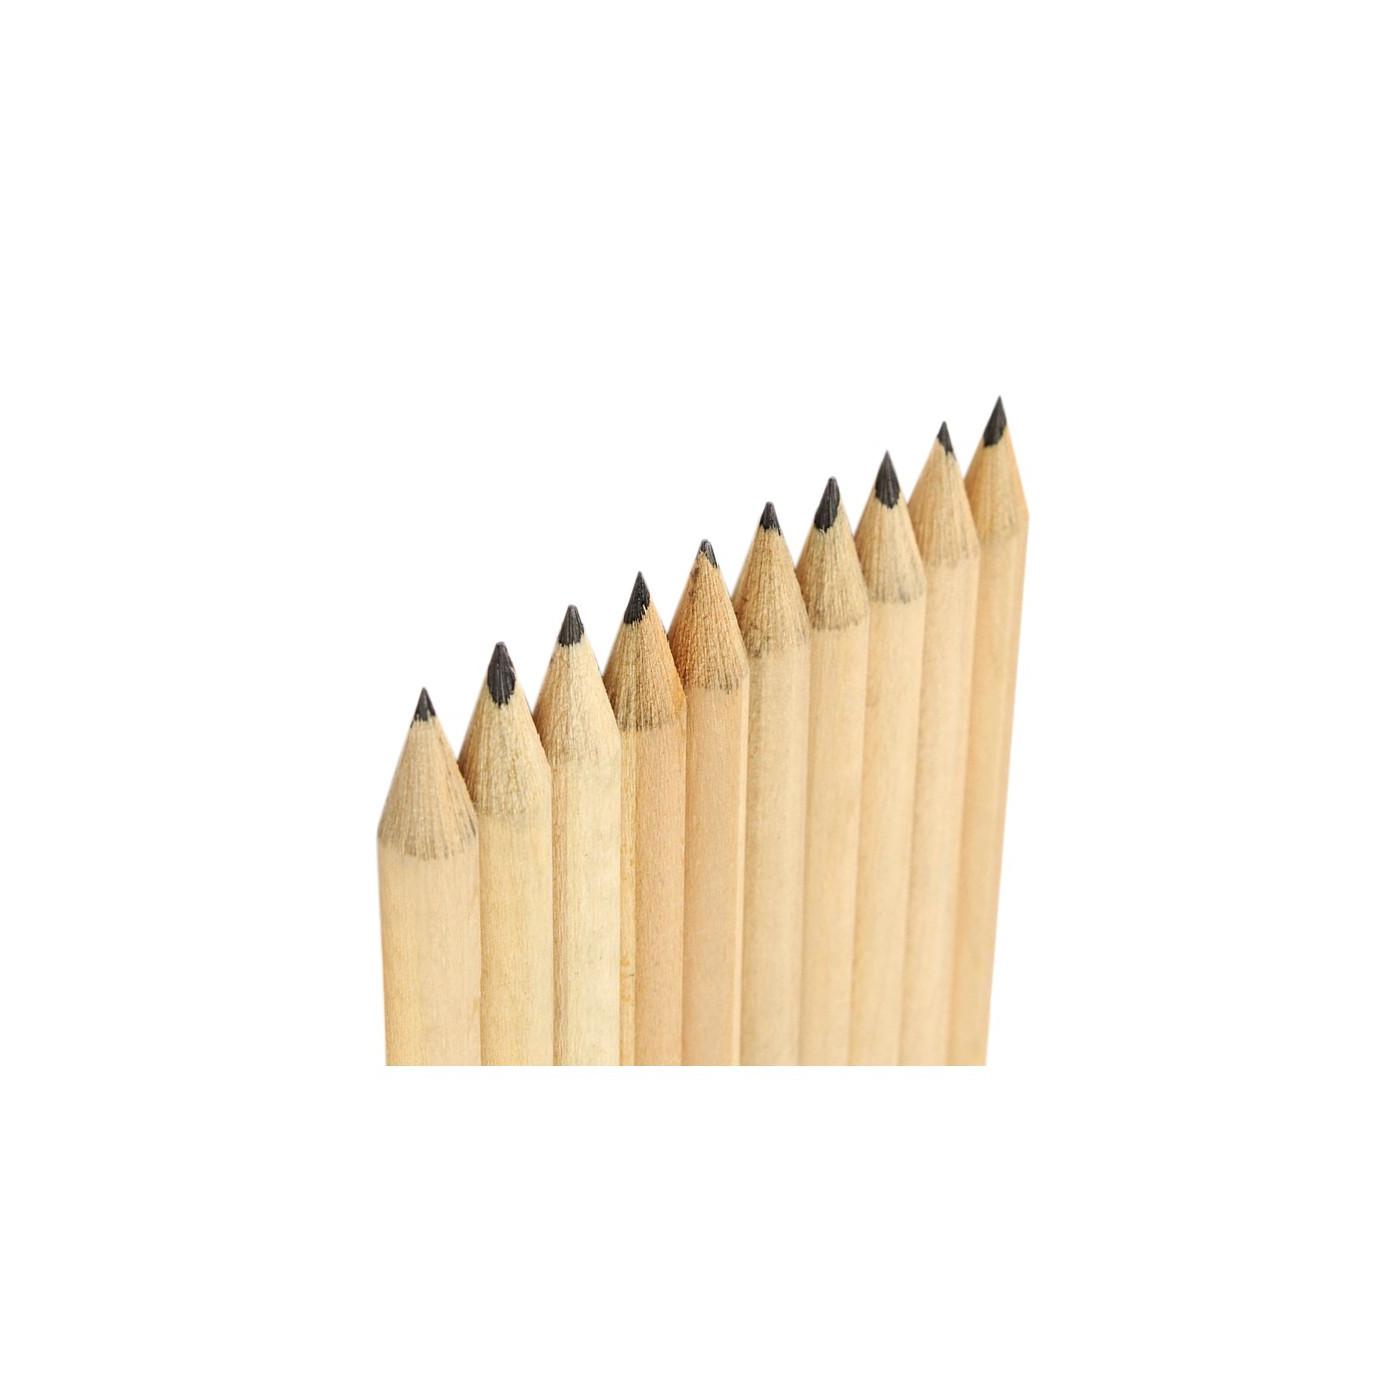 Zestaw 120 mini ołówków (typ 3: 10 cm, z gumką)  - 1